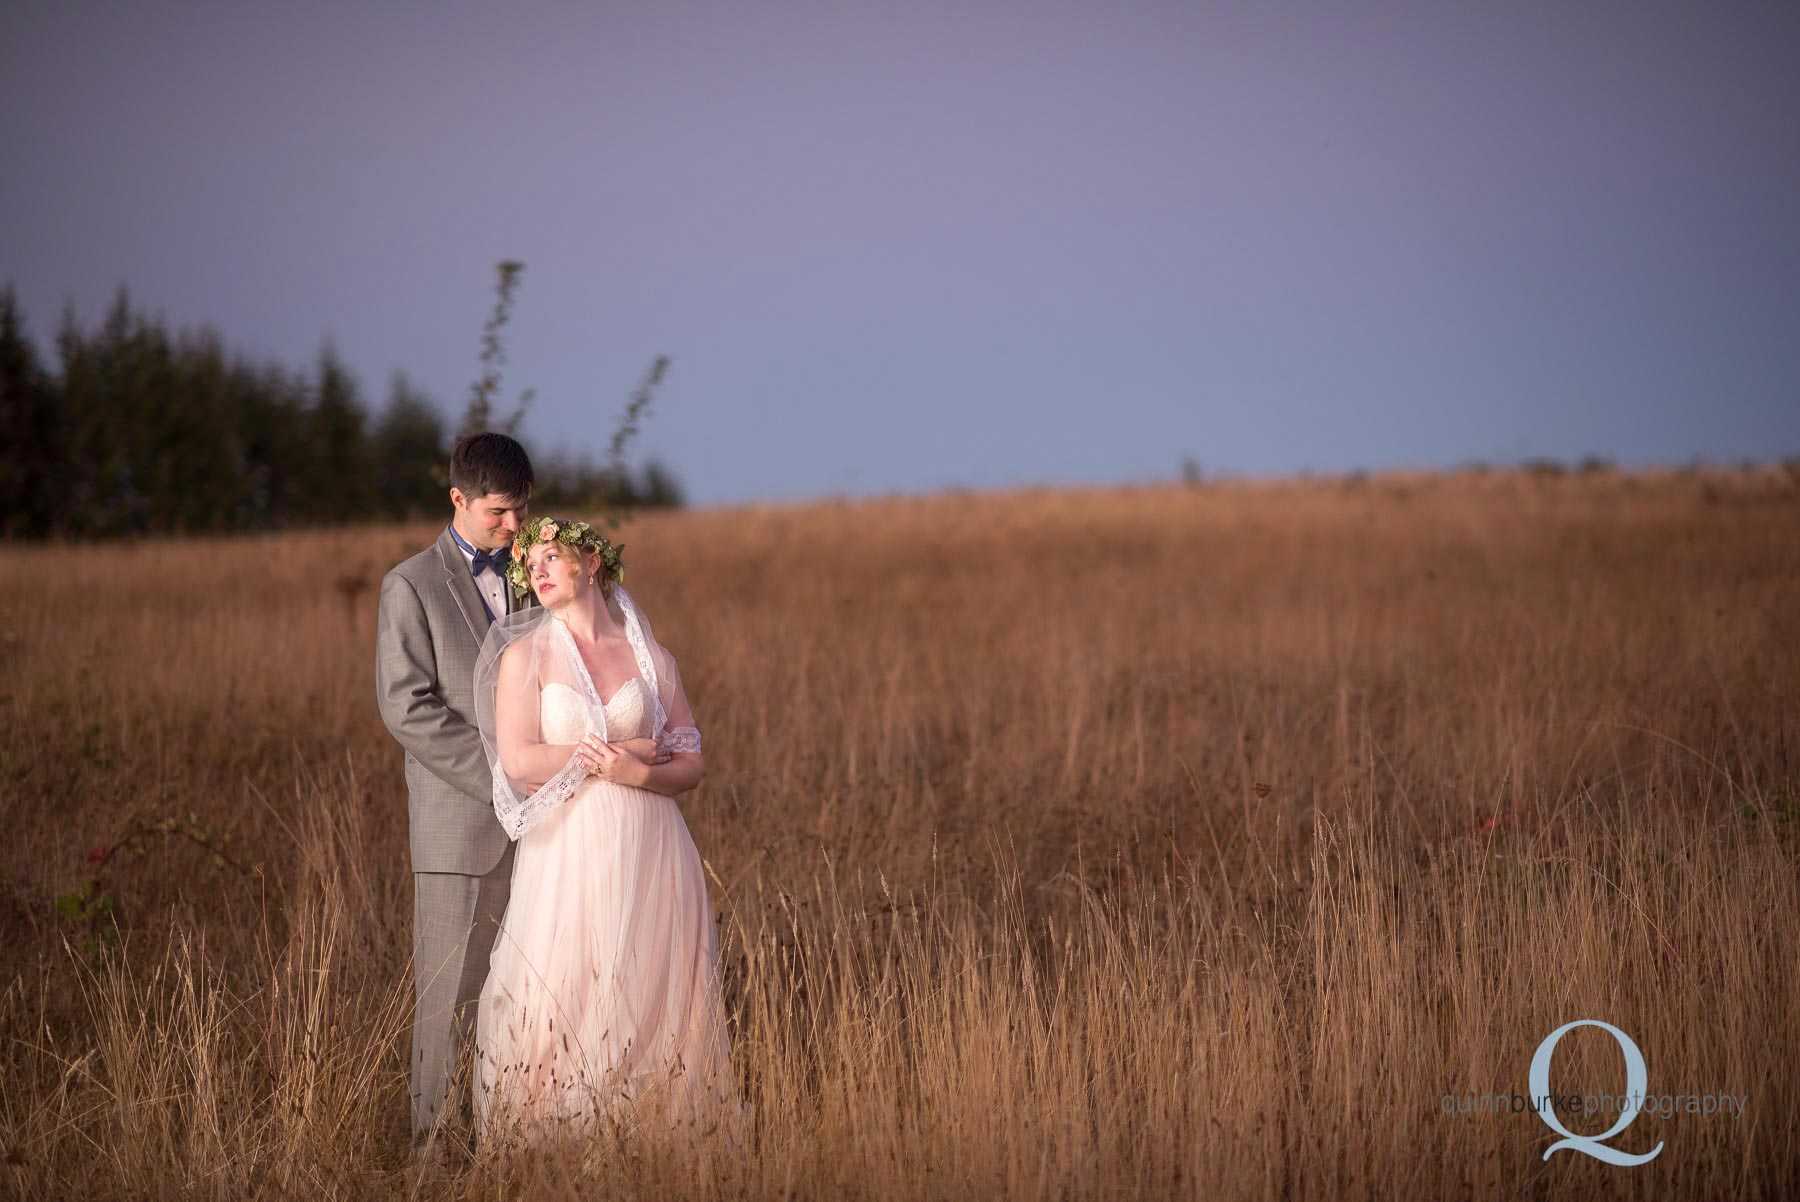 Perryhill Farm barn wedding oregon